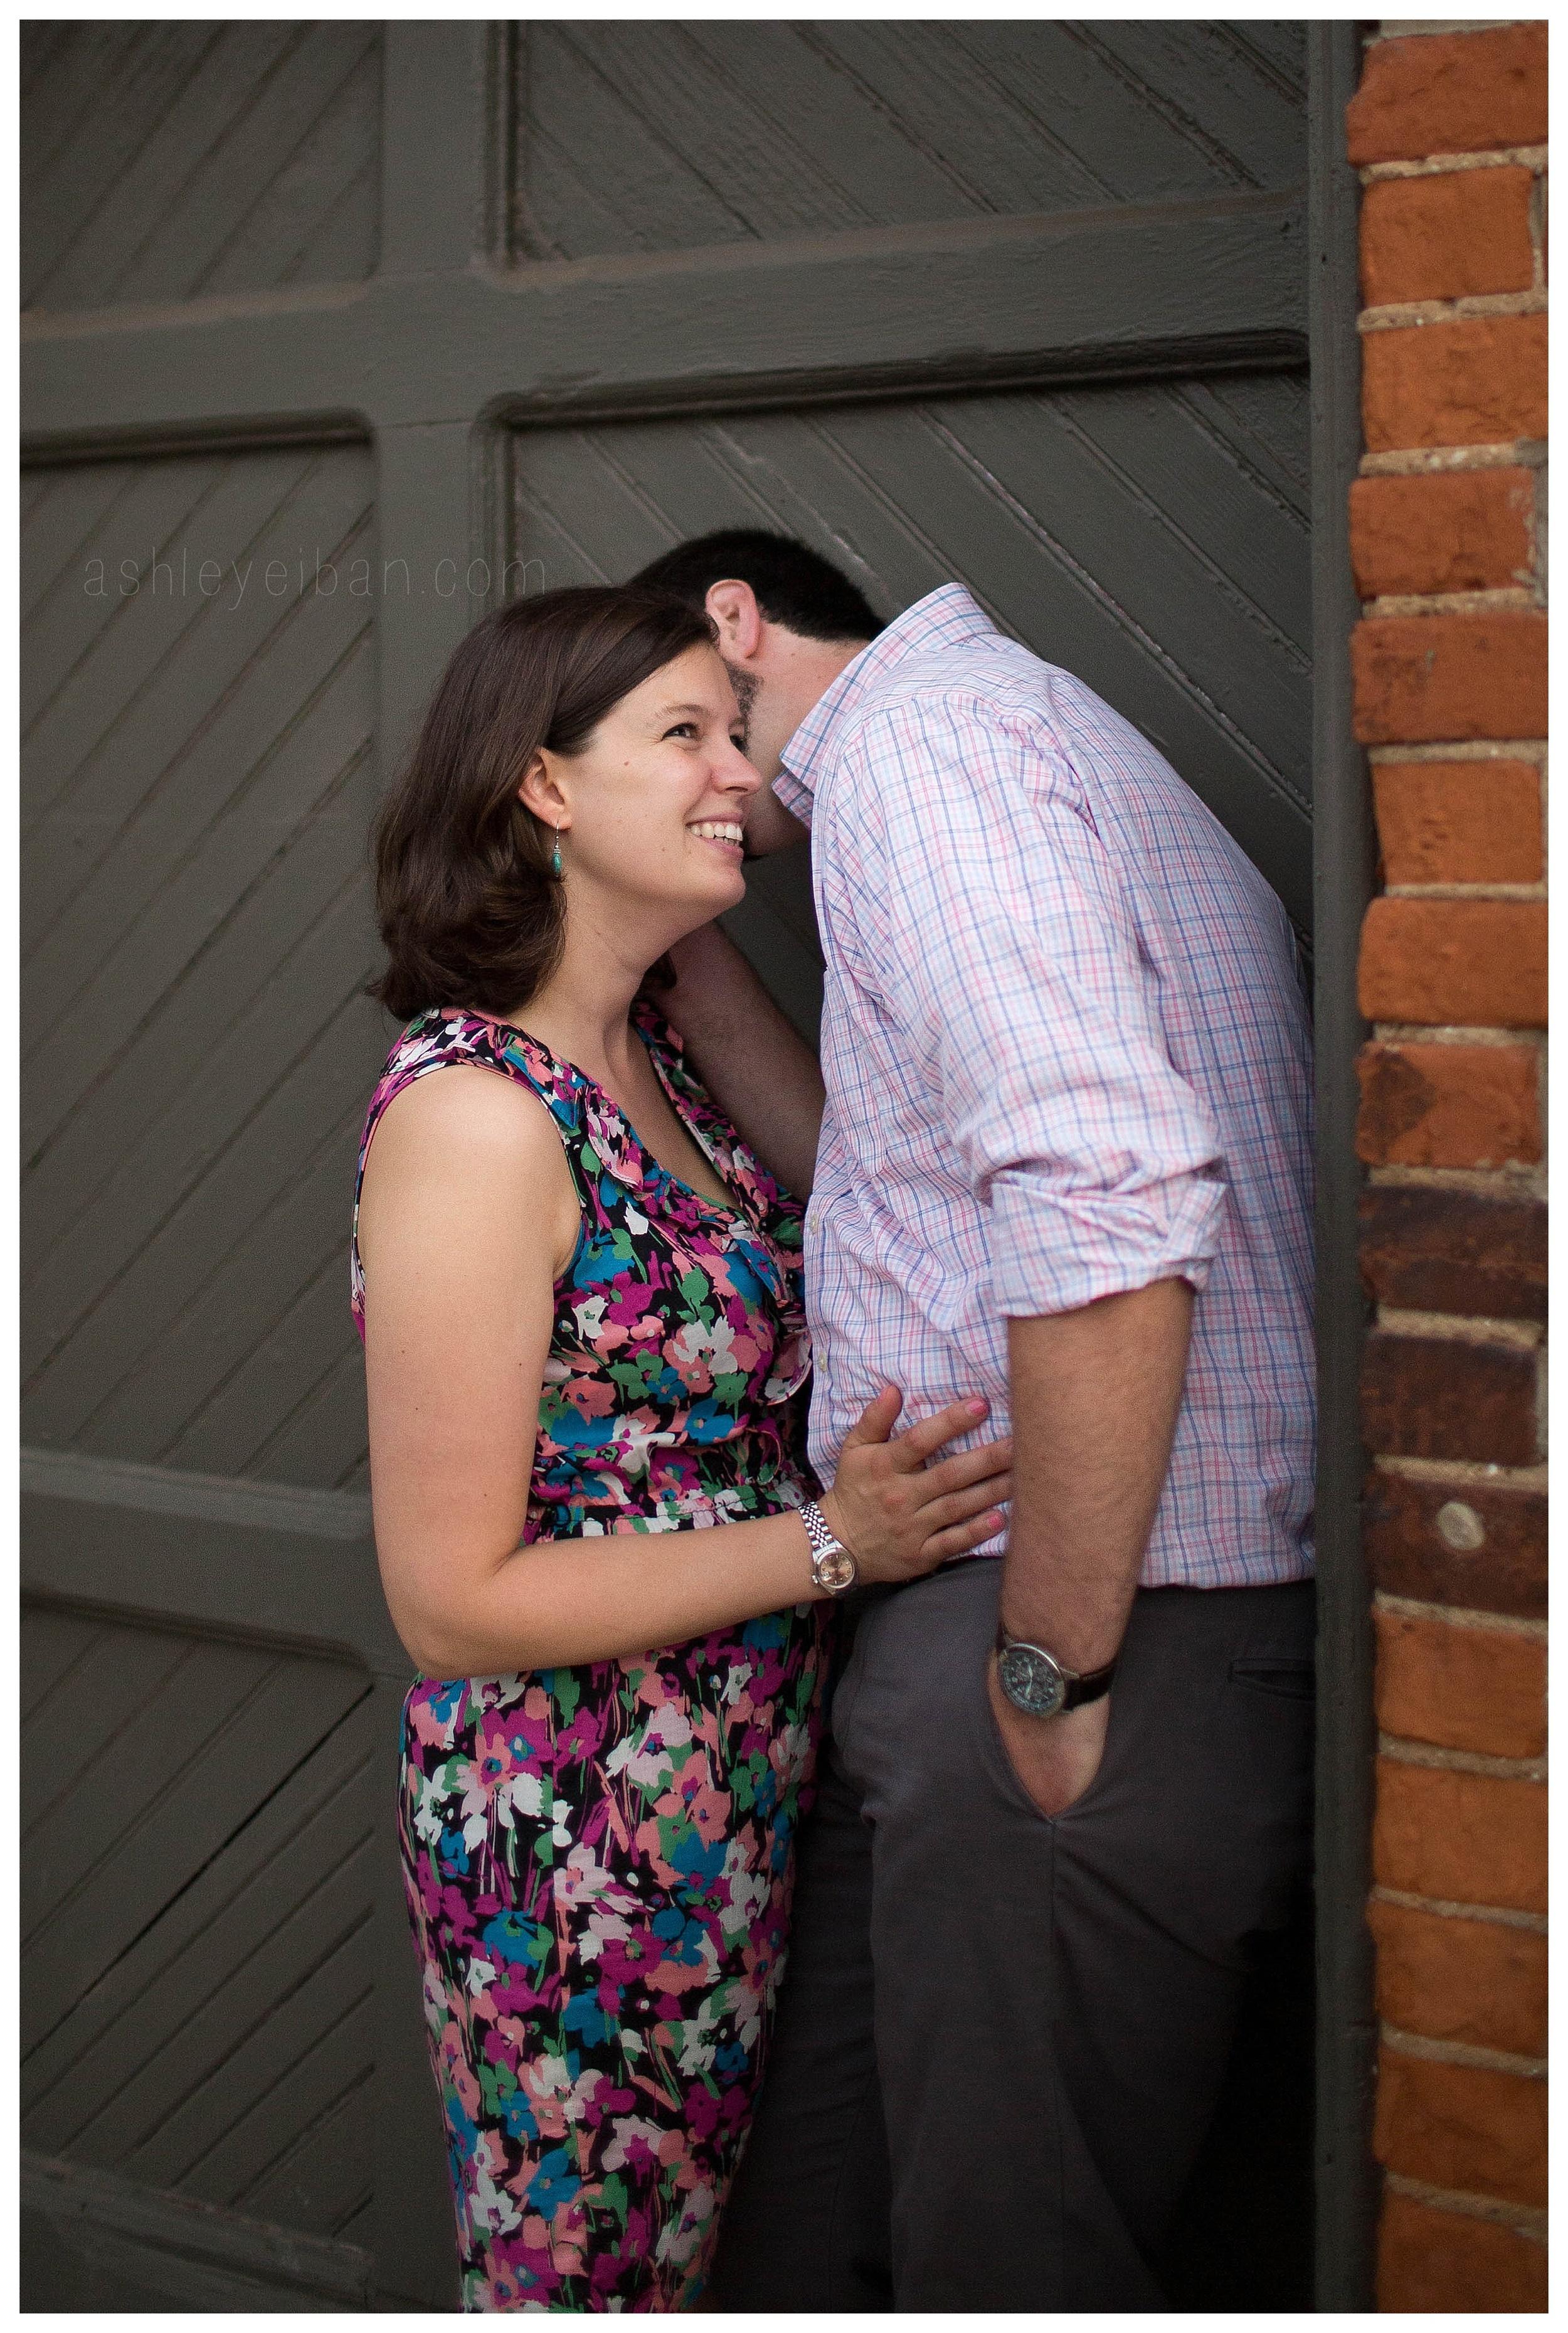 Downtown Lynchburg, Virginia engagement photographer || Ashley Eiban Photography || www.ashleyeiban.com